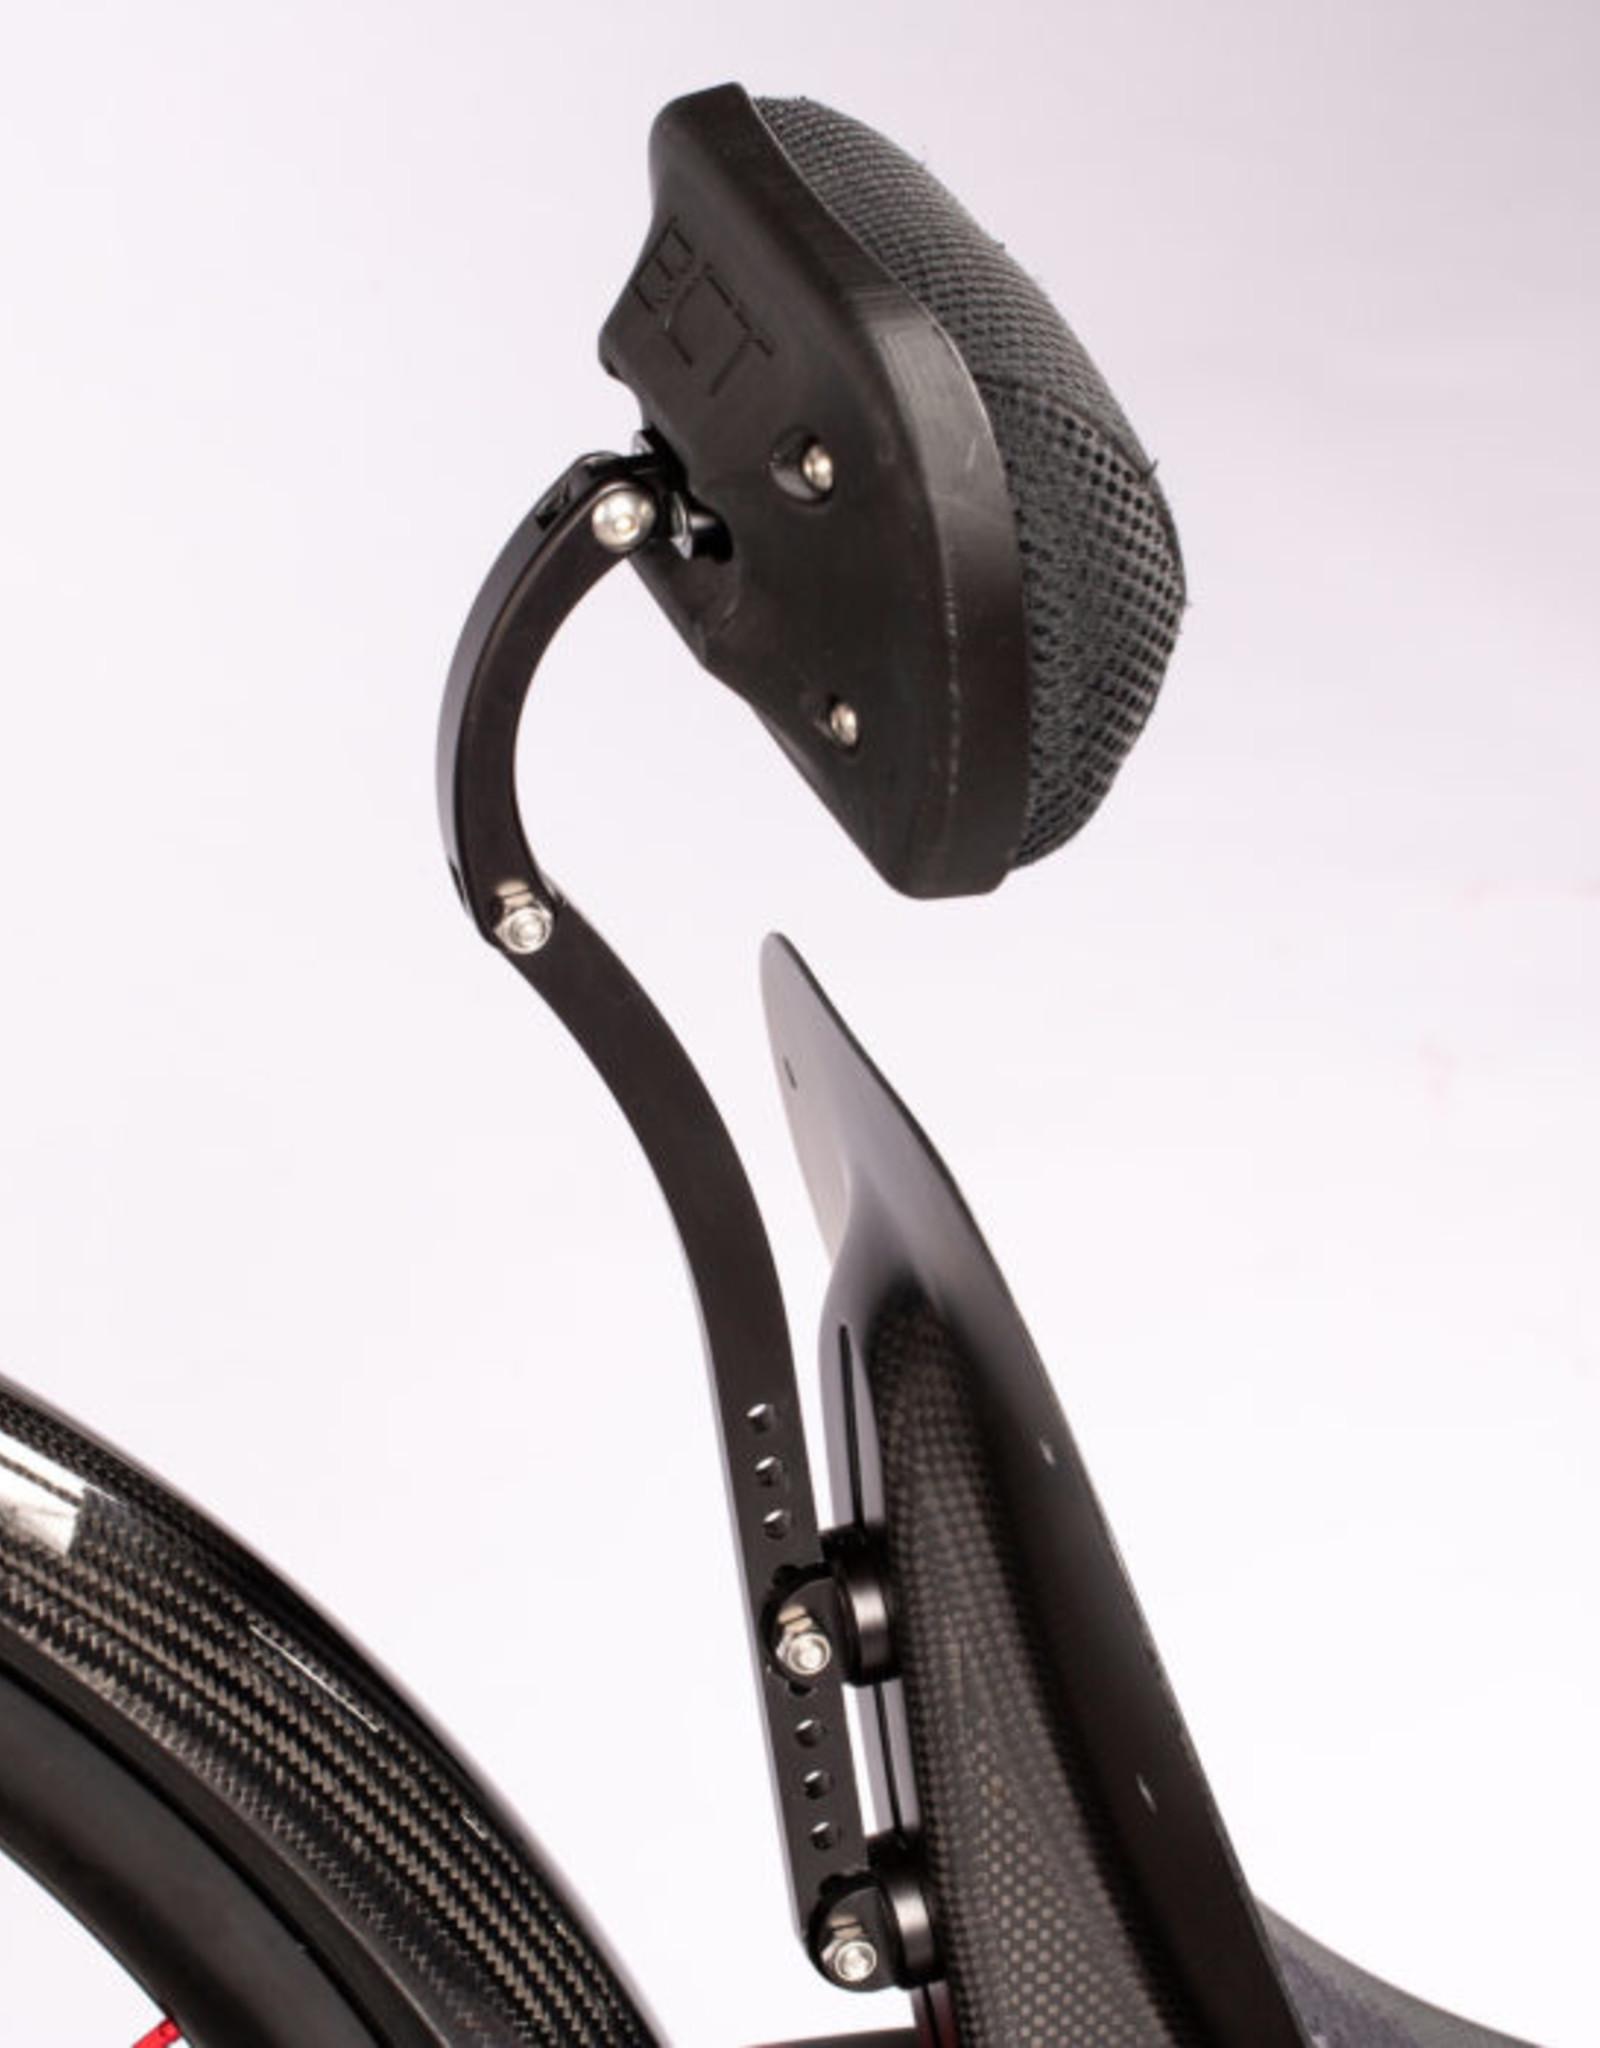 Bacchetta BCT Headrest